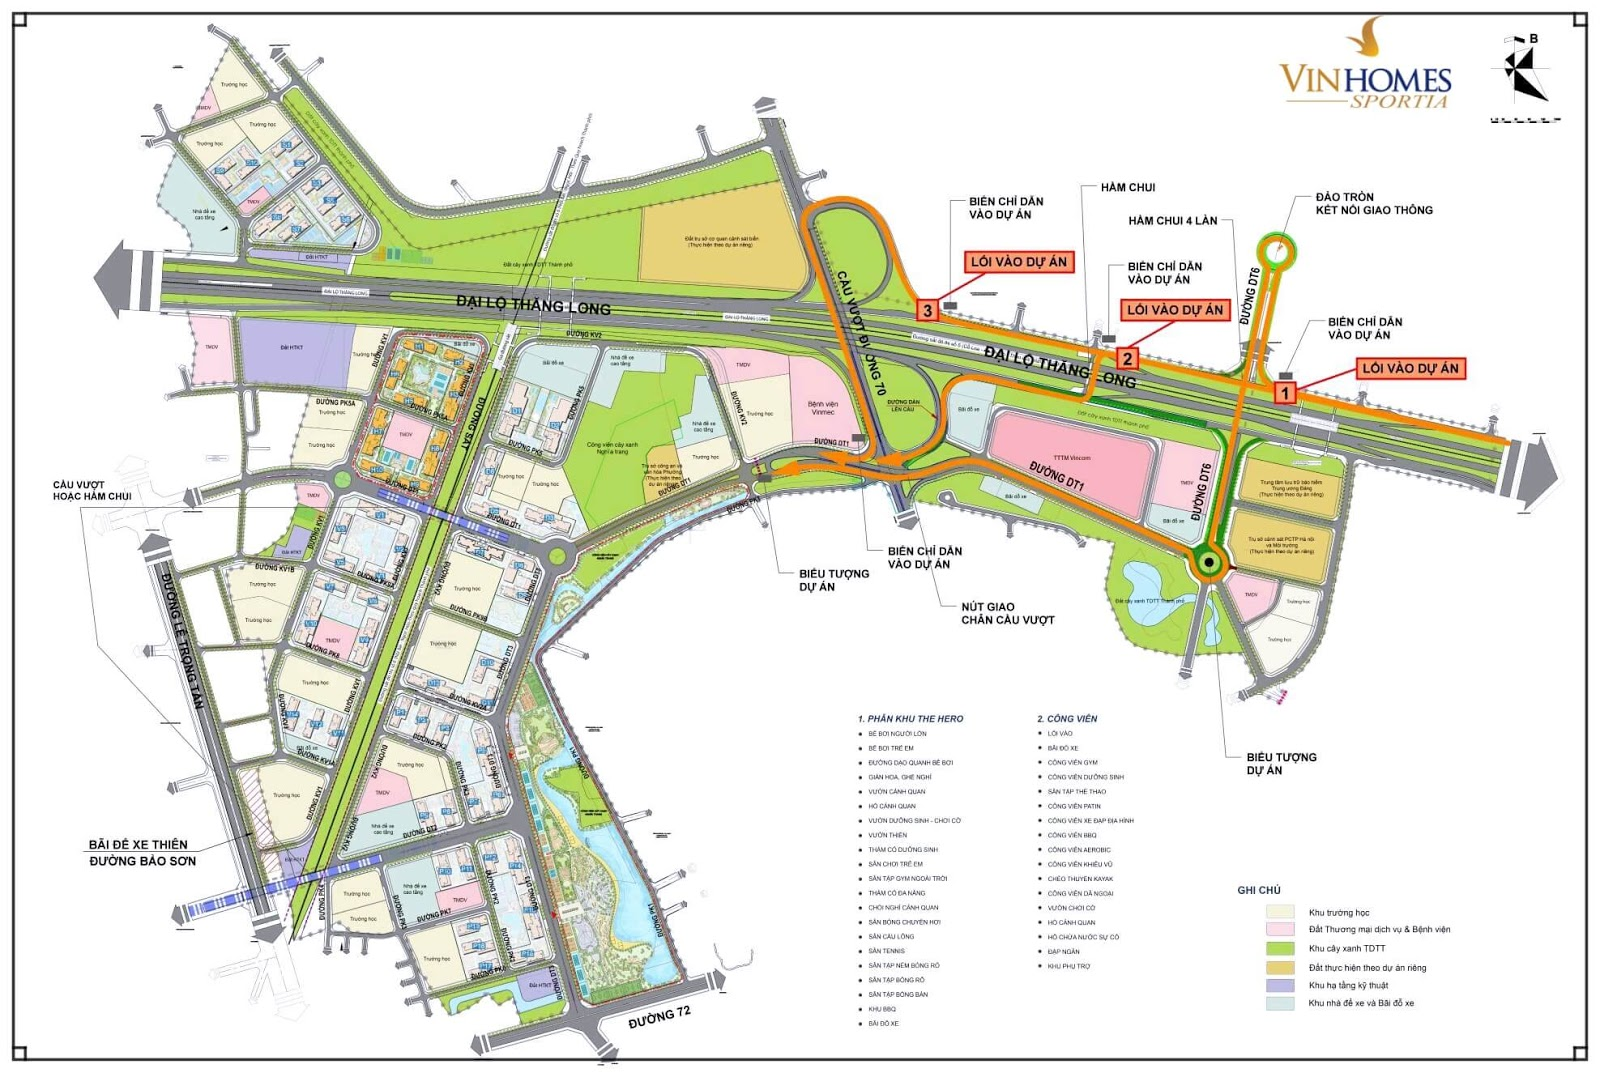 Quy hoạch tổng thể dự án Vinhomes Tây Mỗ